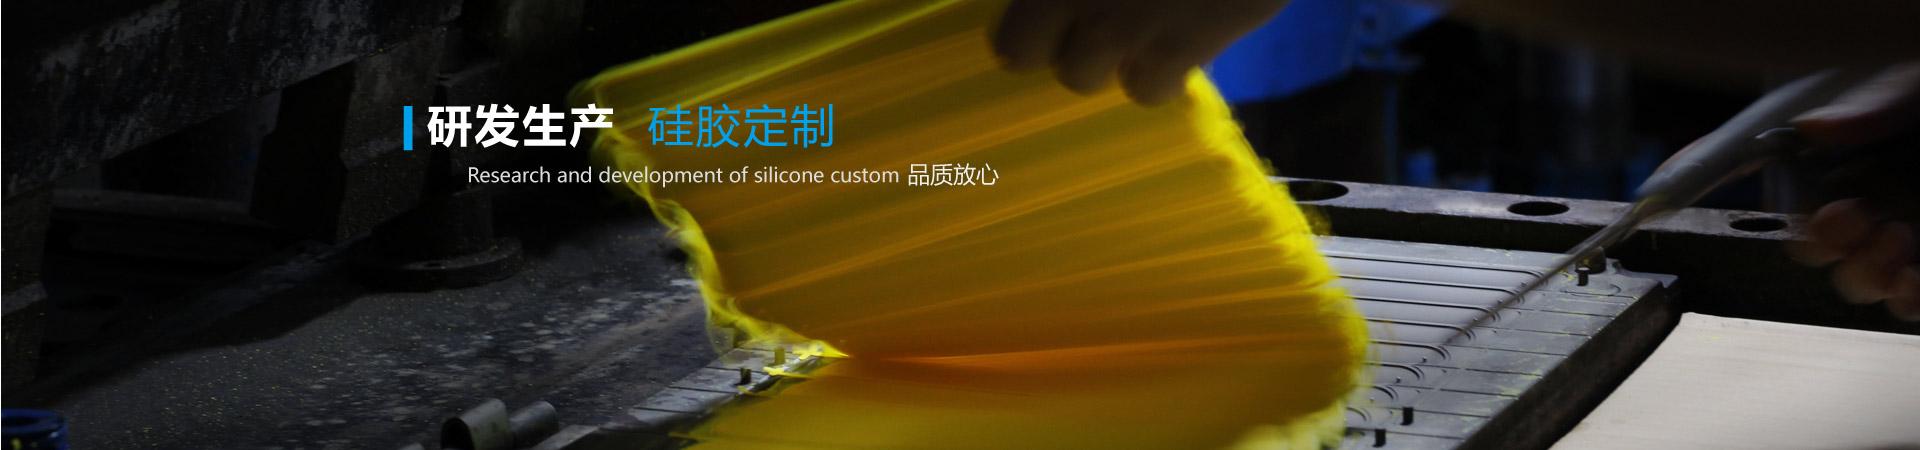 宏霖矽膠制品,矽膠禮品定制